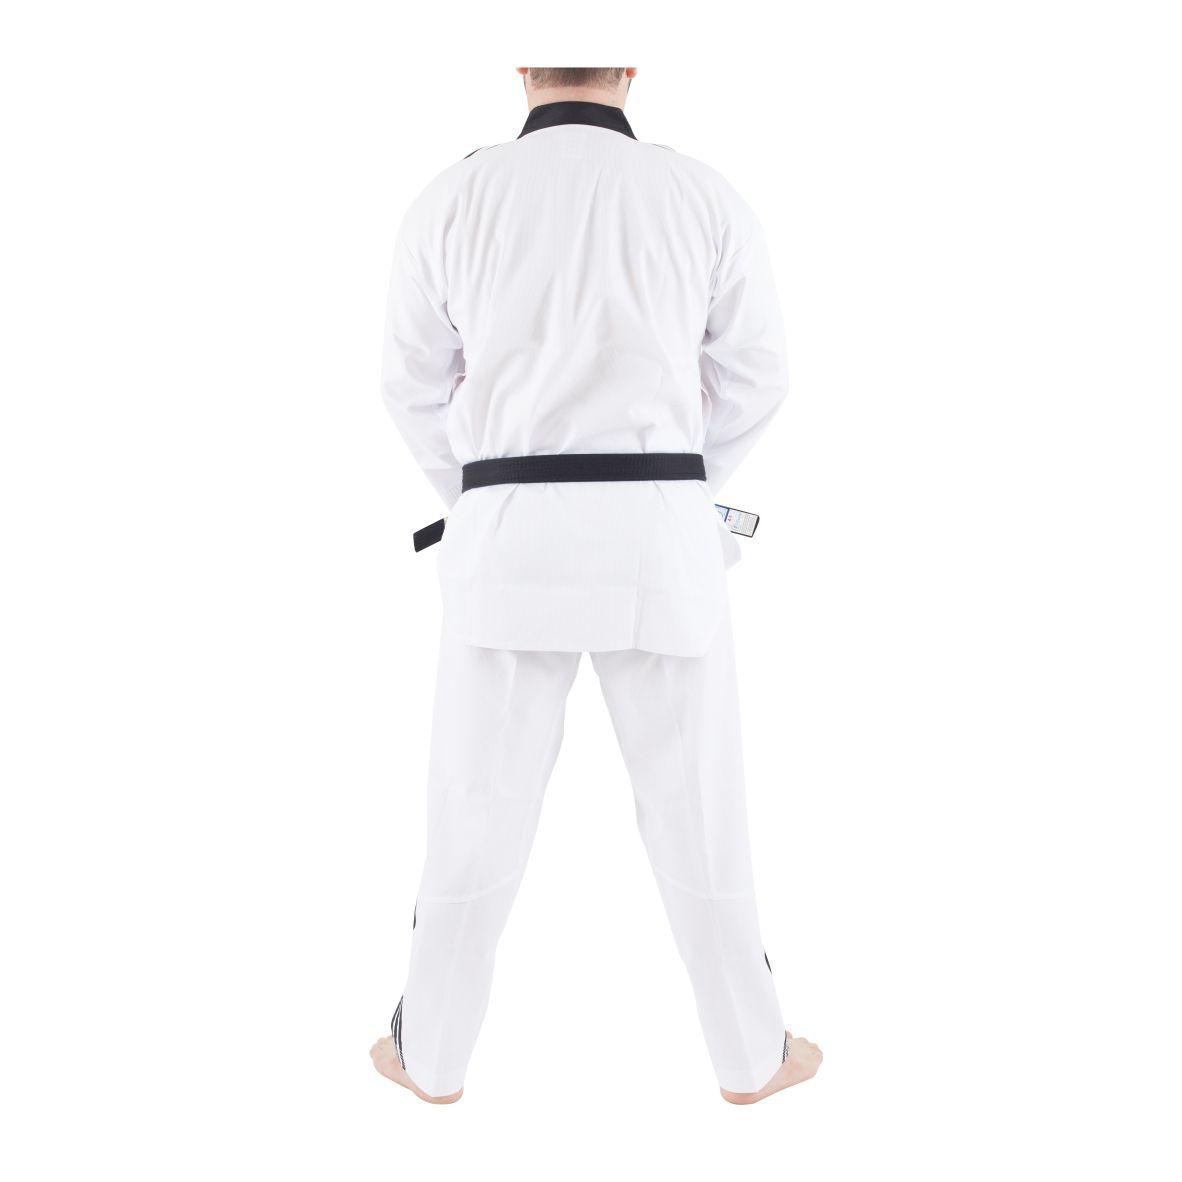 Dobok Adidas ADI CLUB WTF (World Taekwondo Federation) Gola Preta